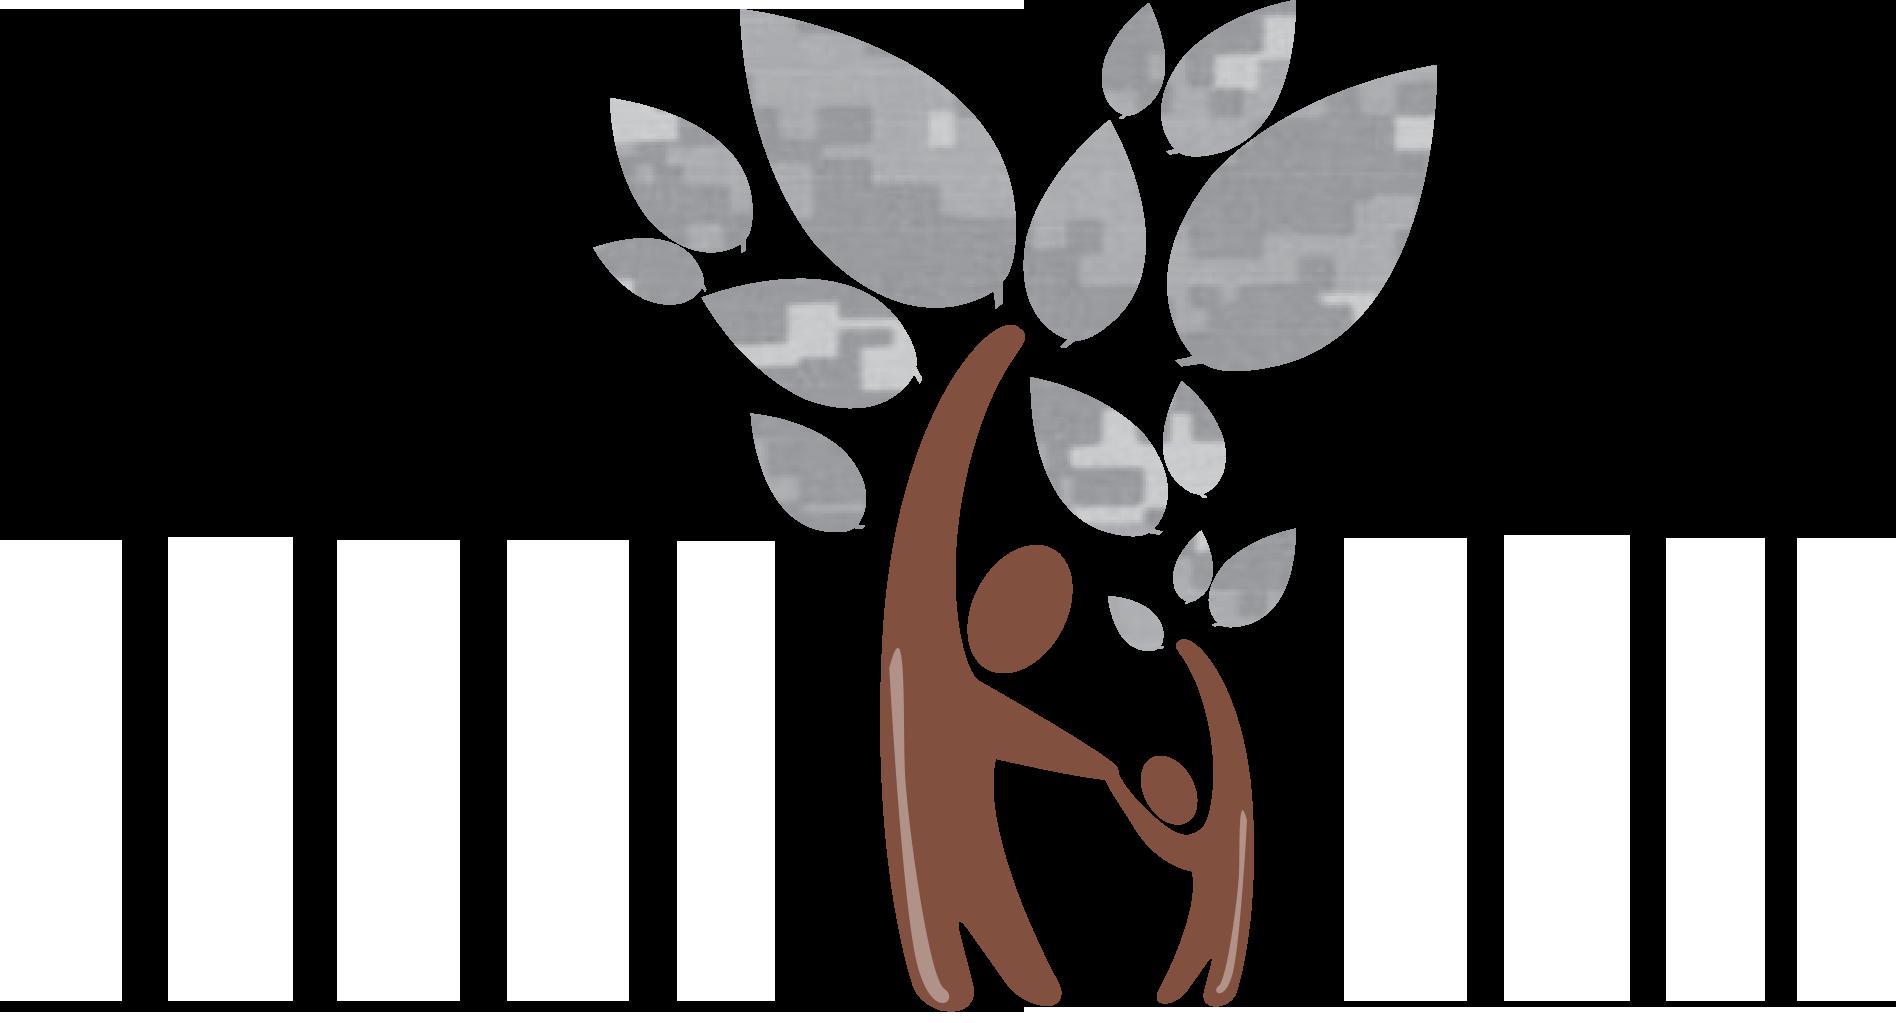 TroopTree